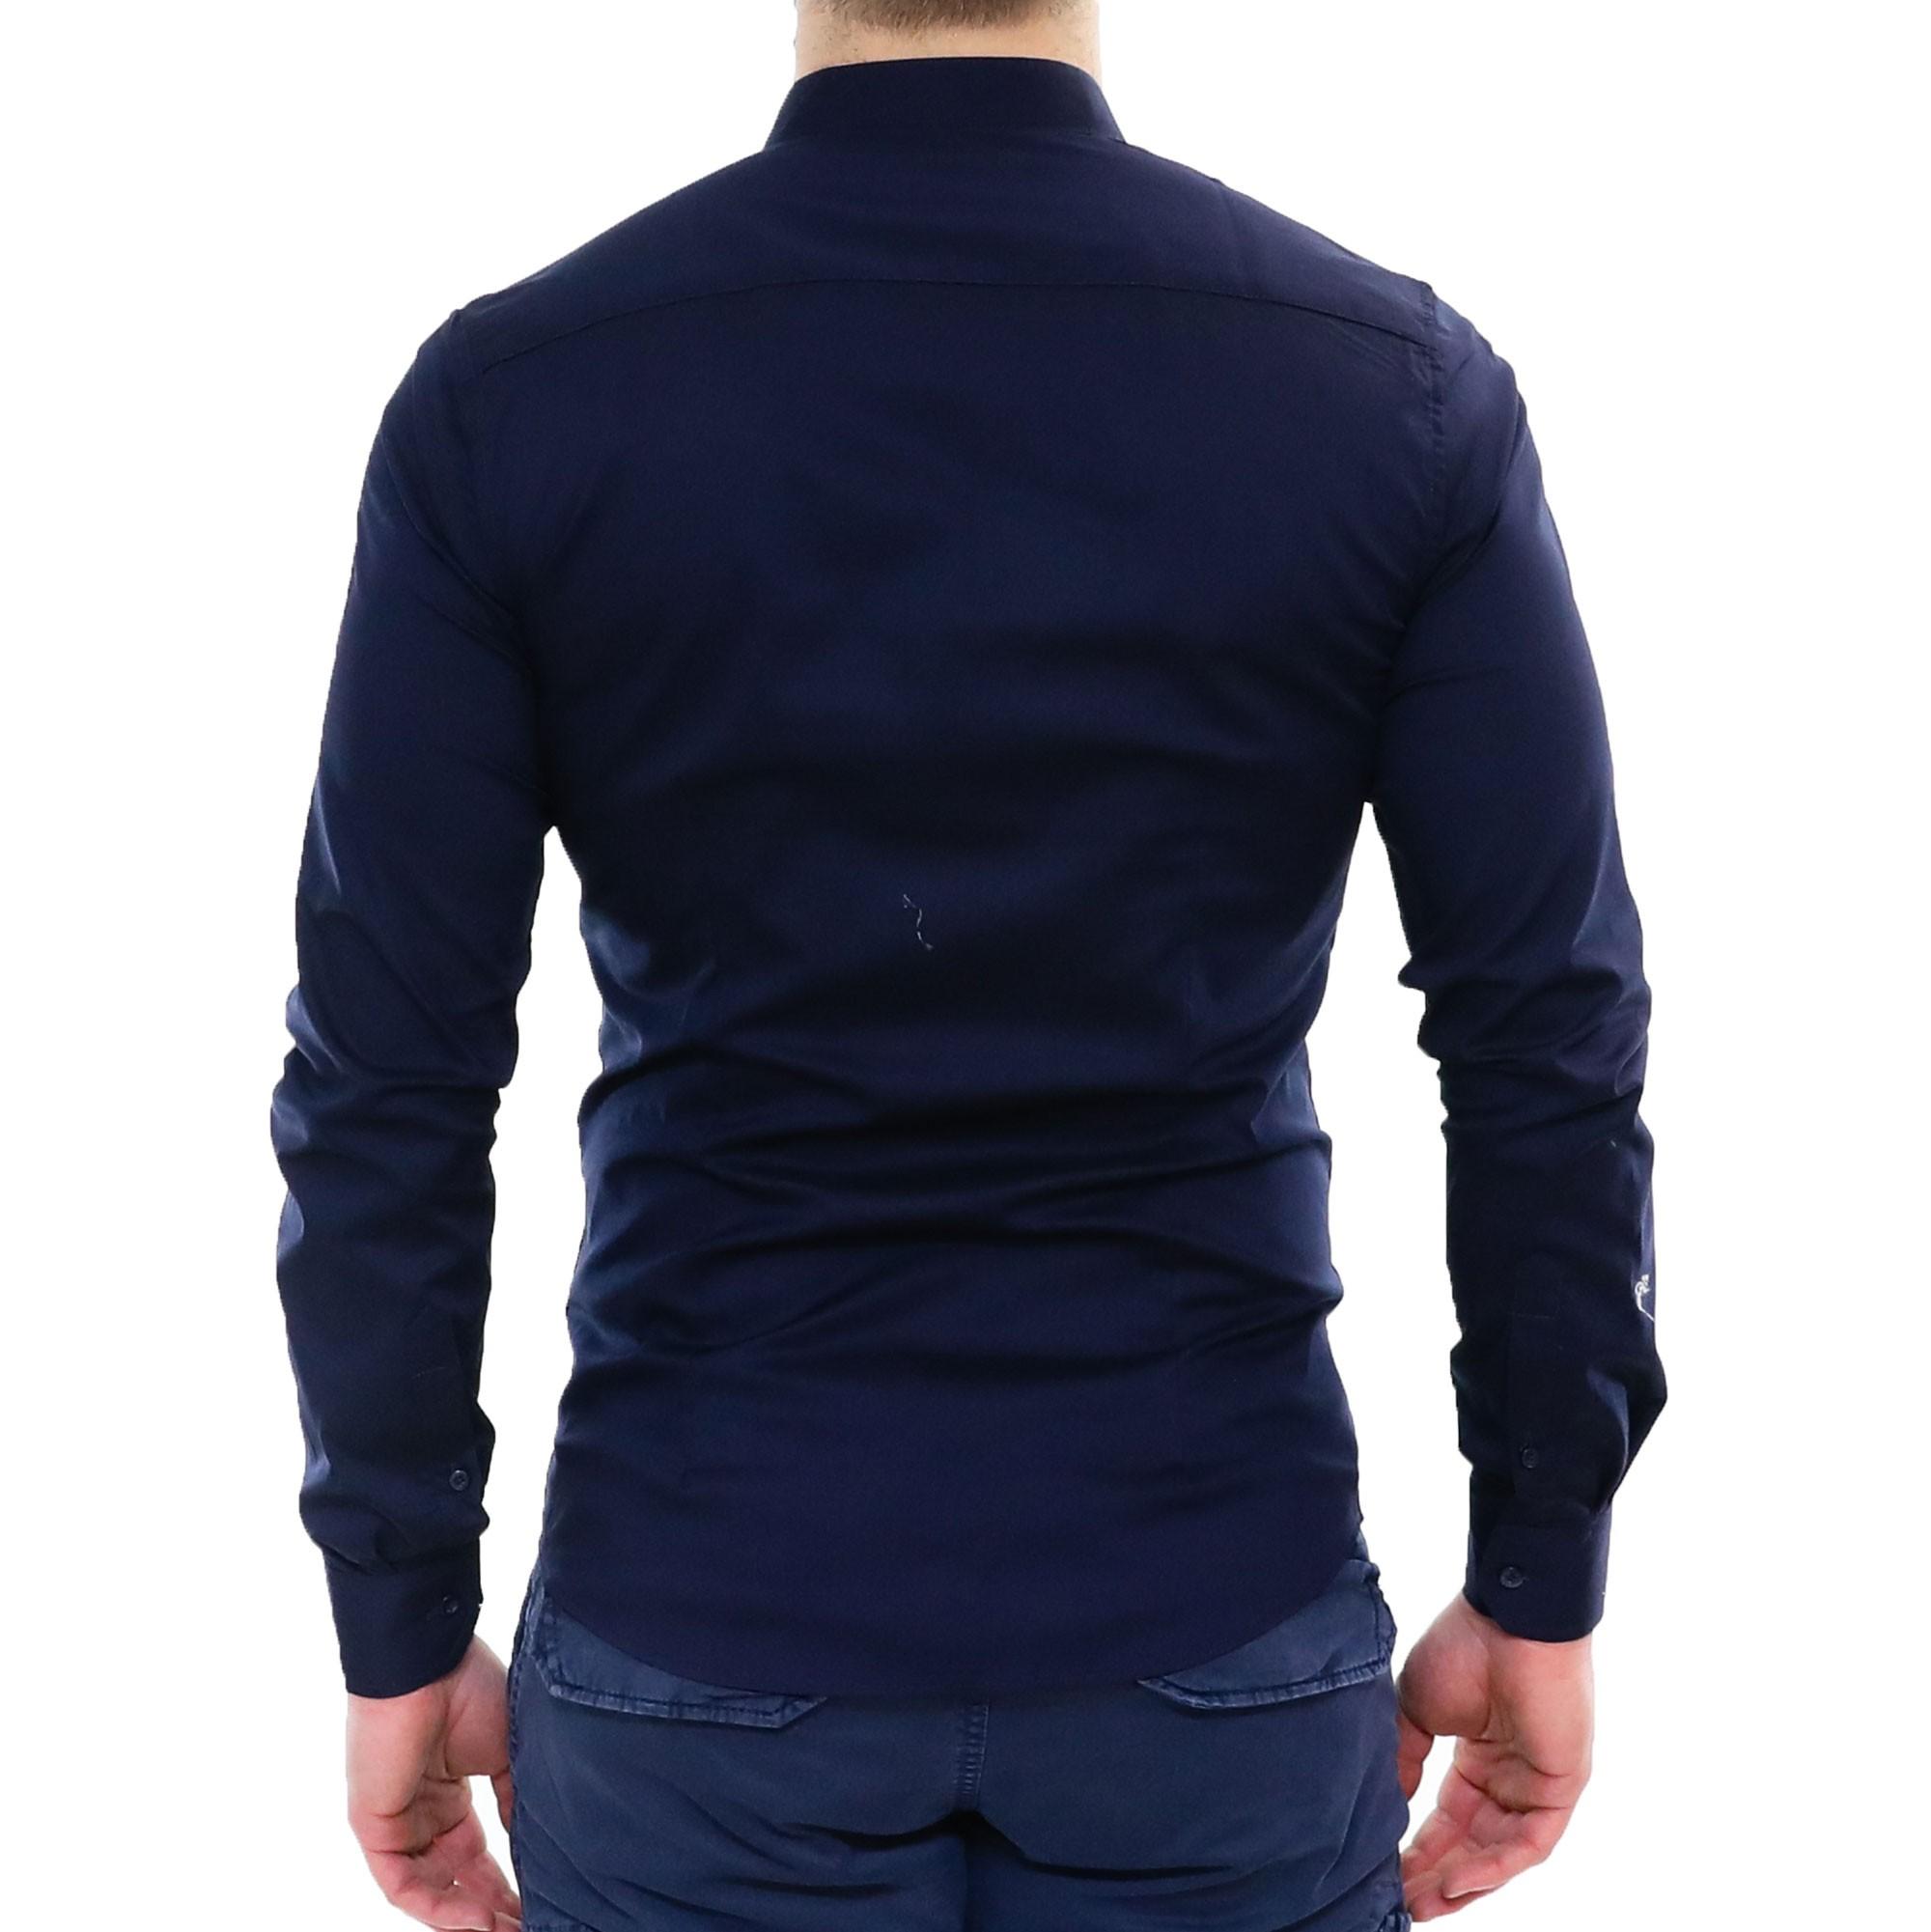 Camicia-Uomo-Collo-Coreana-Slim-Fit-Serafino-Bianca-Blu-Nera-Cotone-Casual miniatura 15